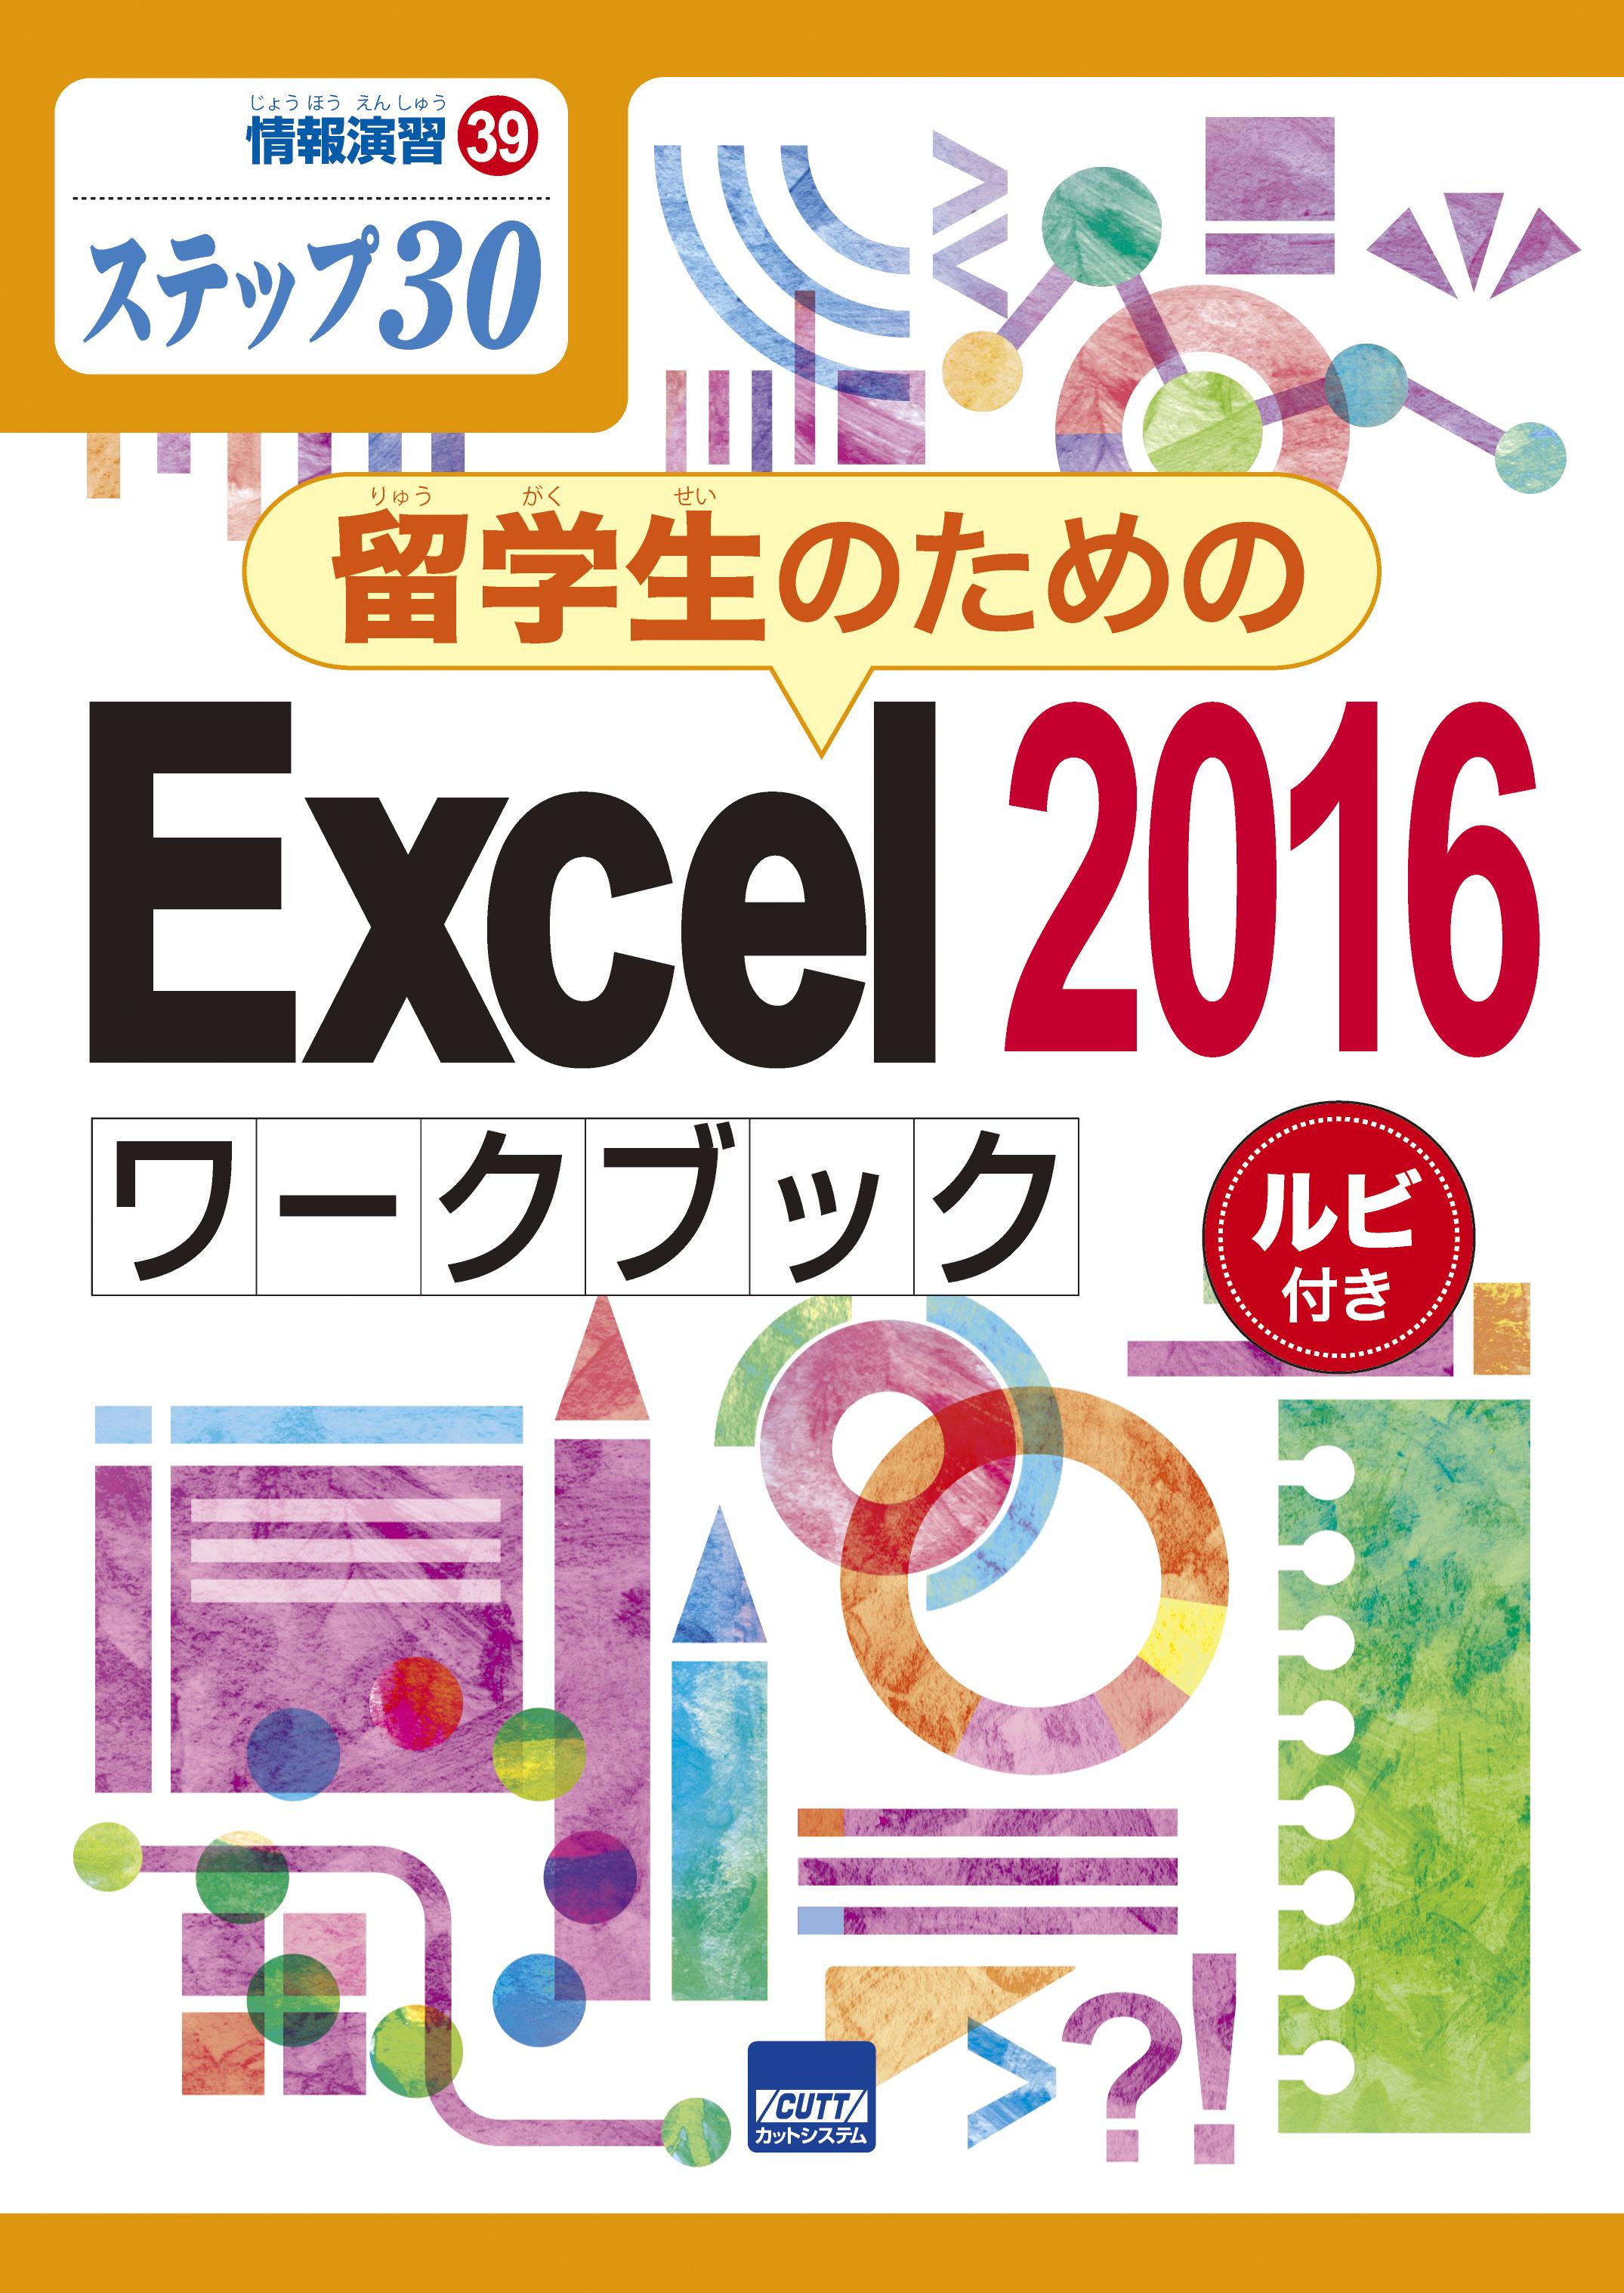 情報演習㊴ステップ㉚ 留学生のためのExcel2016ワークブック ルビ付き画像